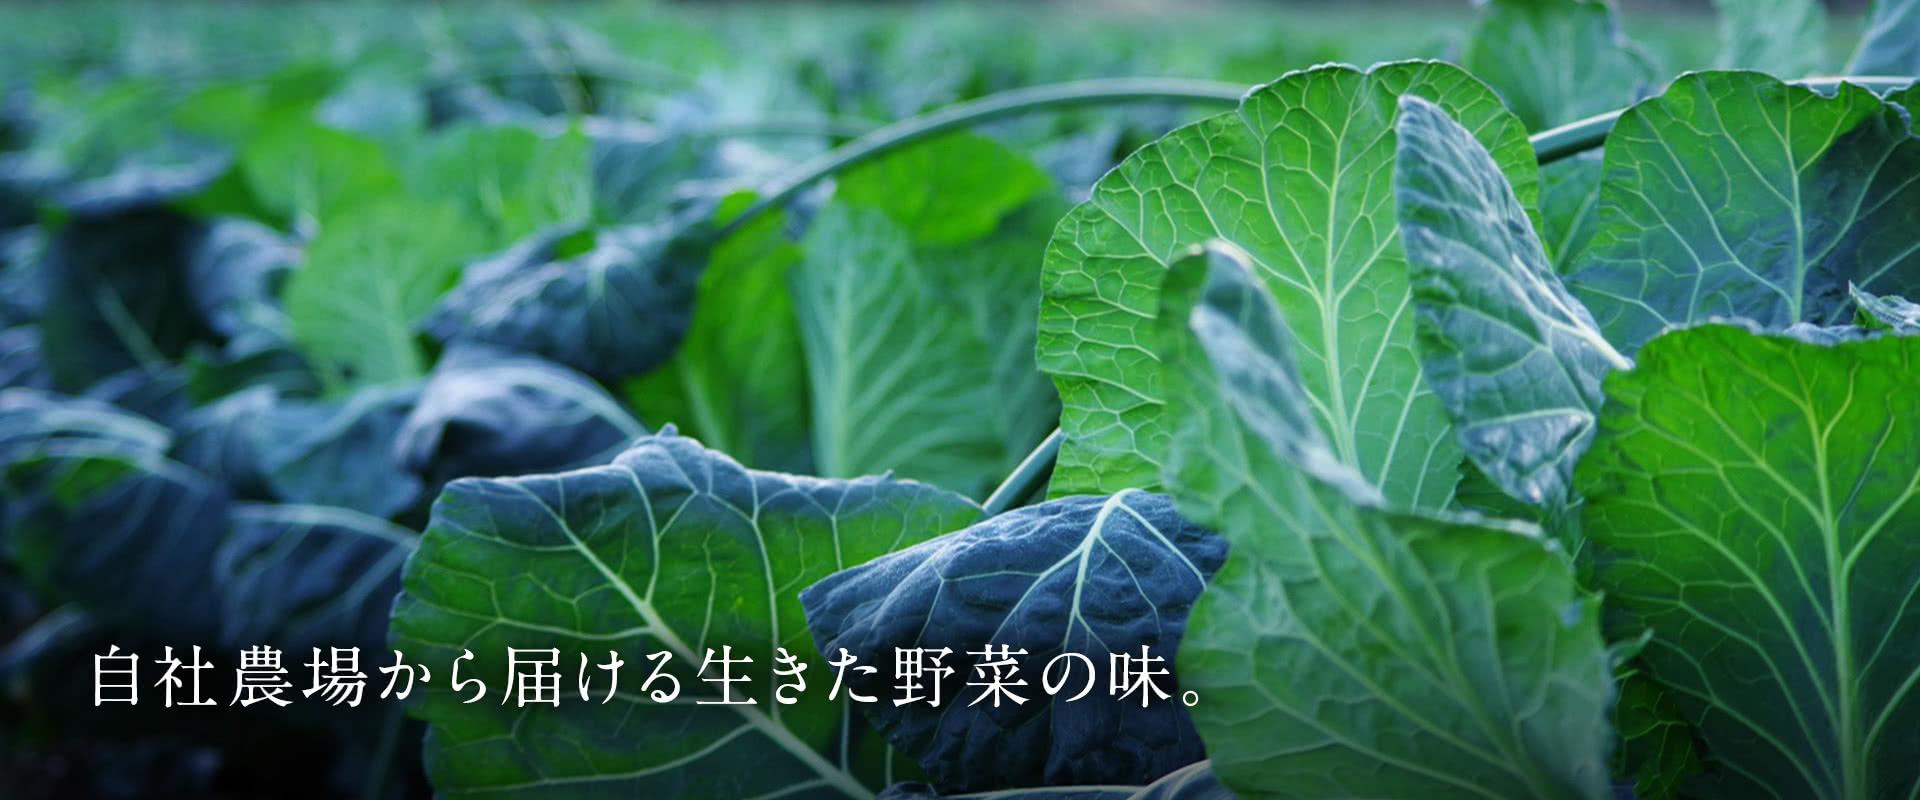 自社農場から届ける生きた野菜の味。